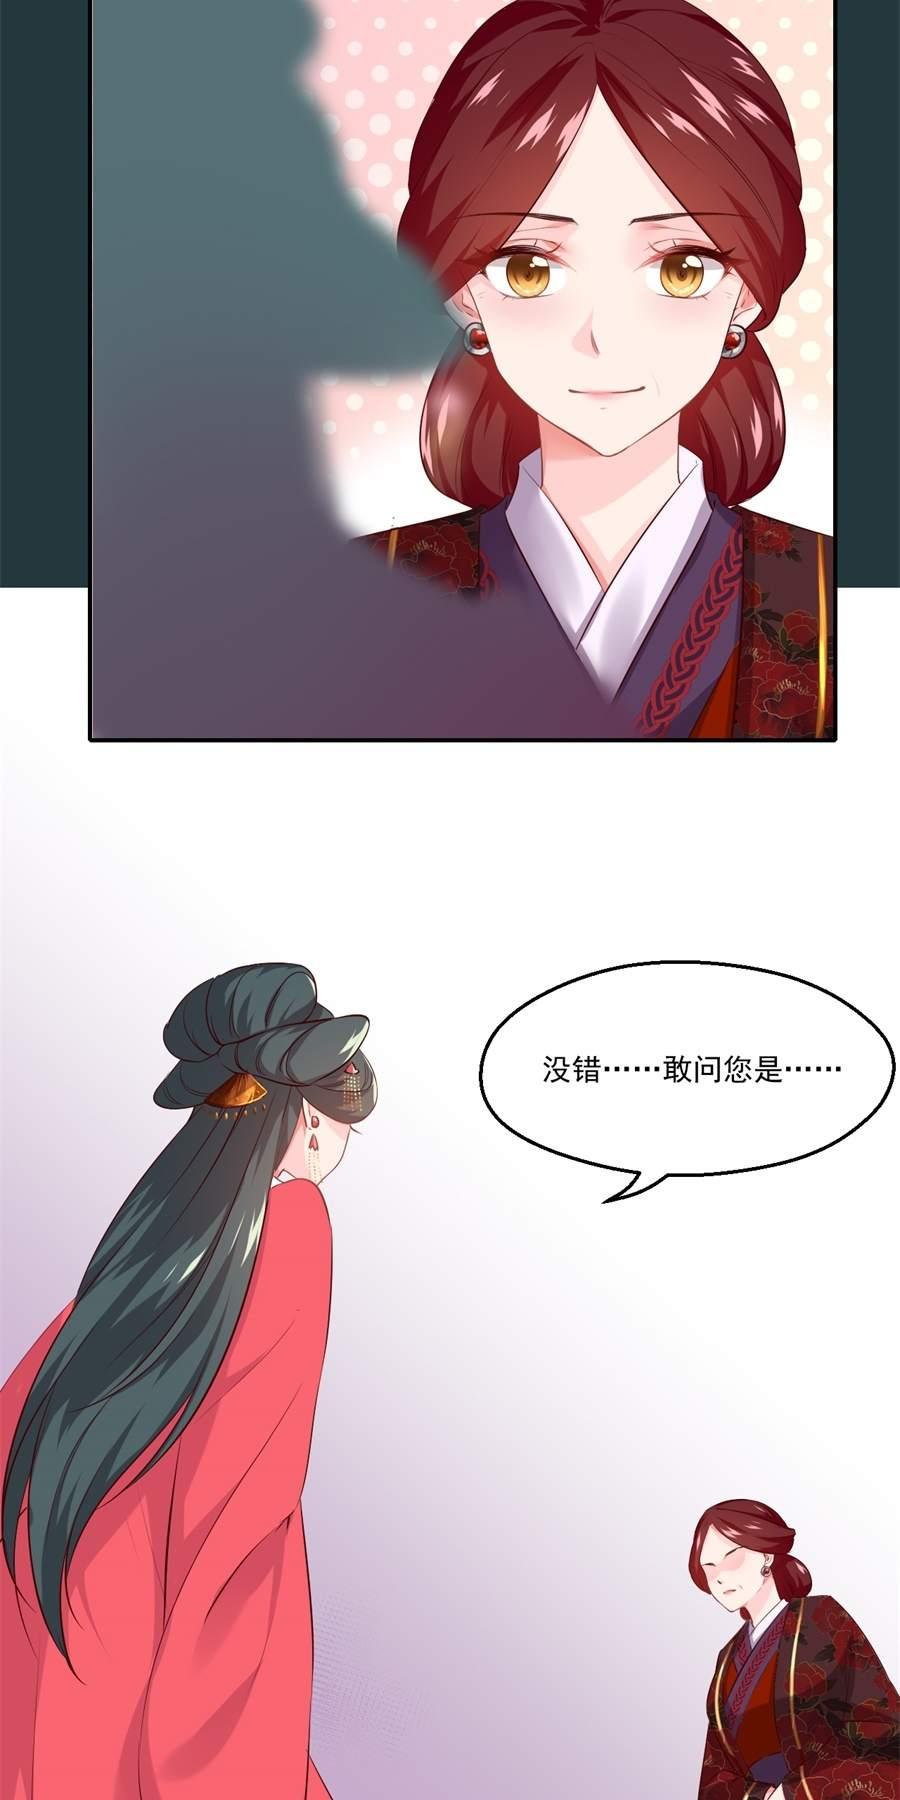 盛世帝王妃第79话  见到了东方的母亲 第 16